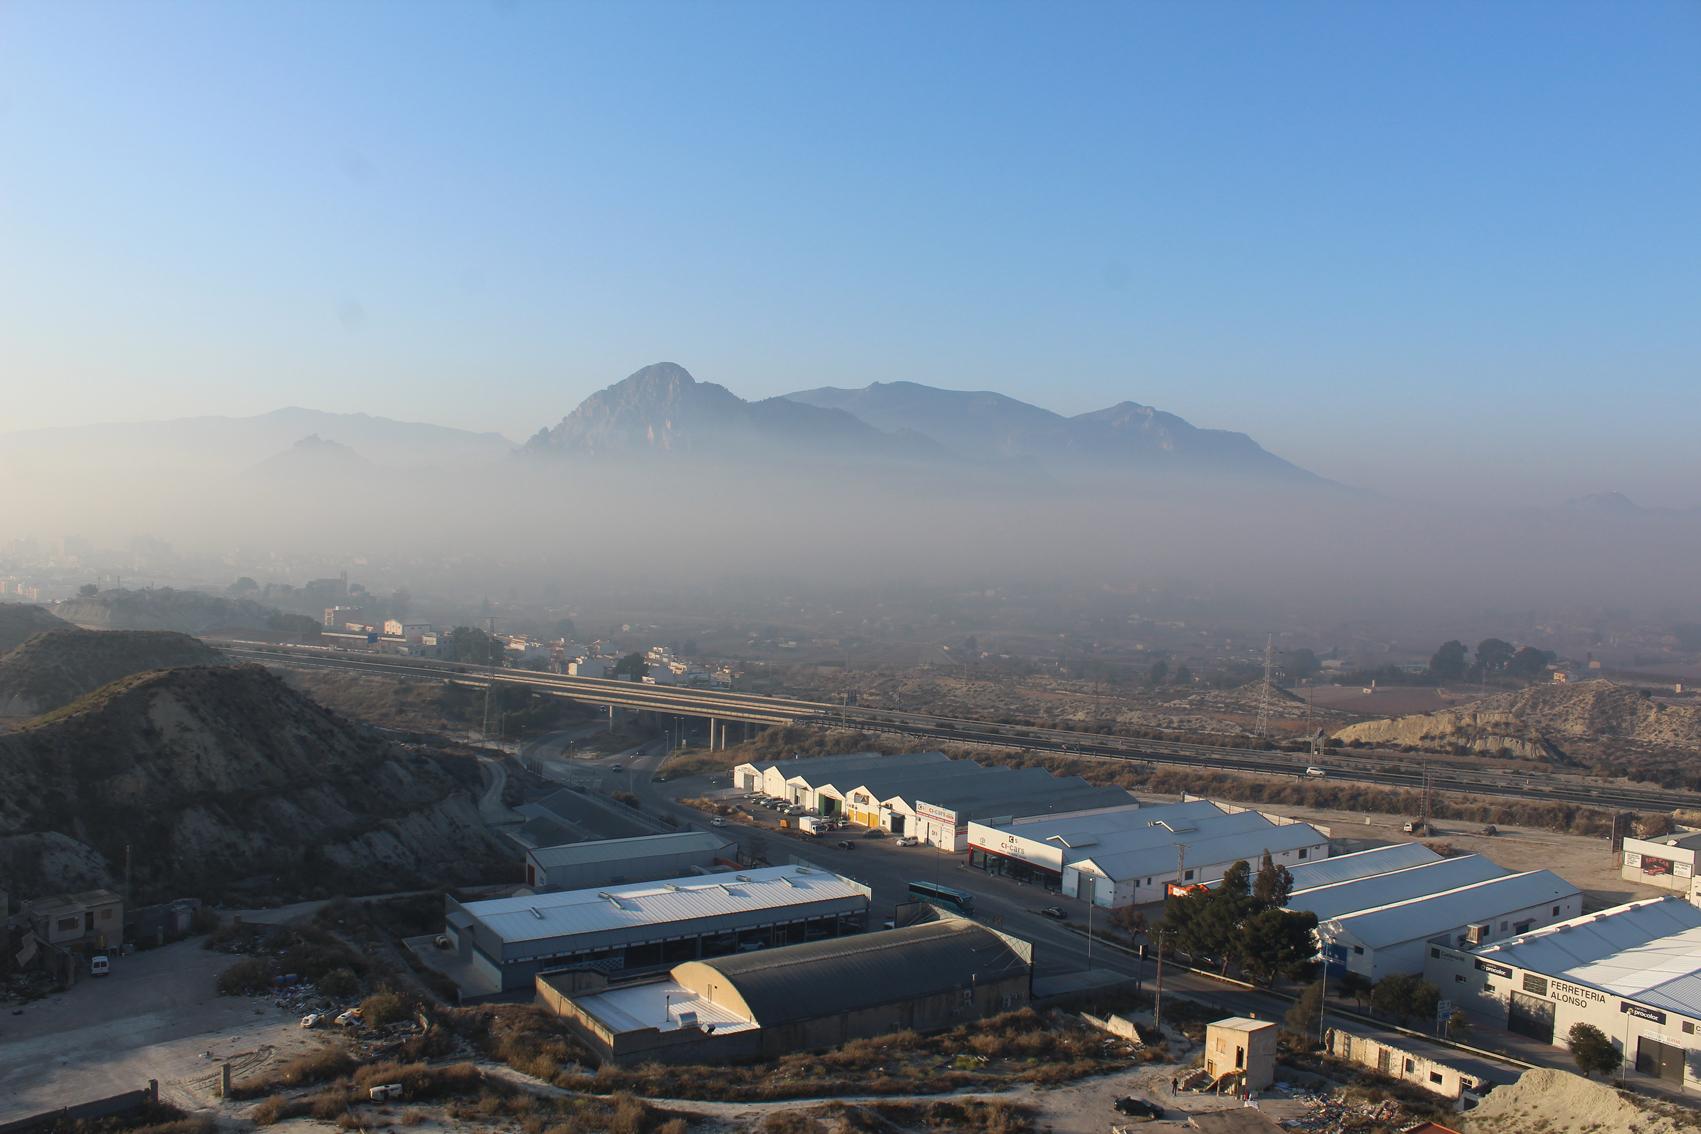 Otra vista más lejana, de la capa de humo. Imagen: EEA